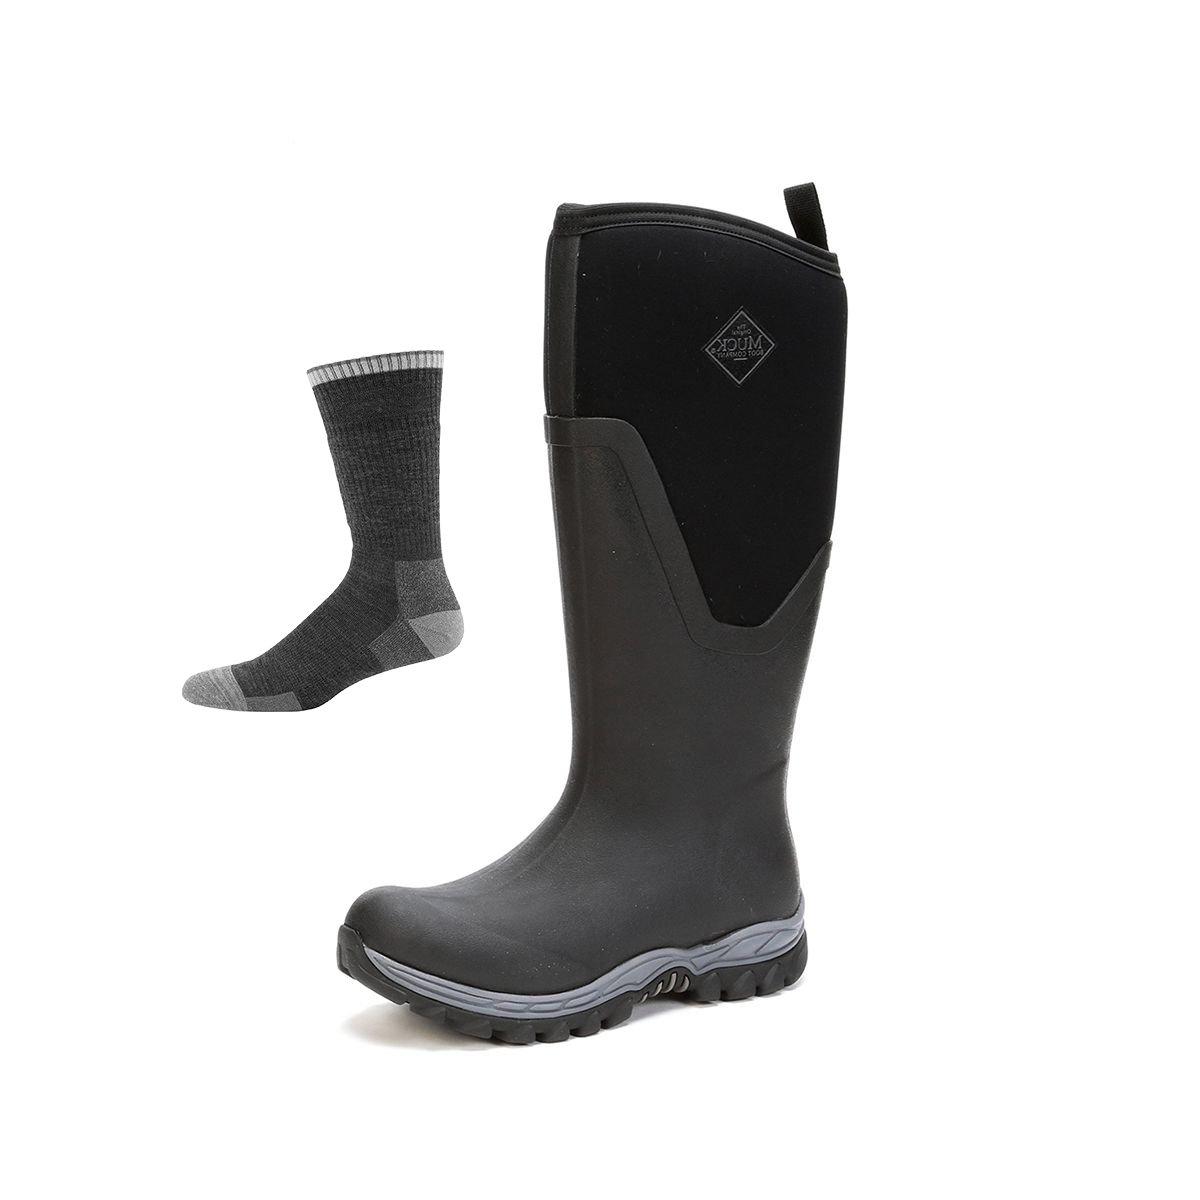 Muck Boots Women's Arctic Sport II Tall Black/Black w/Socks -